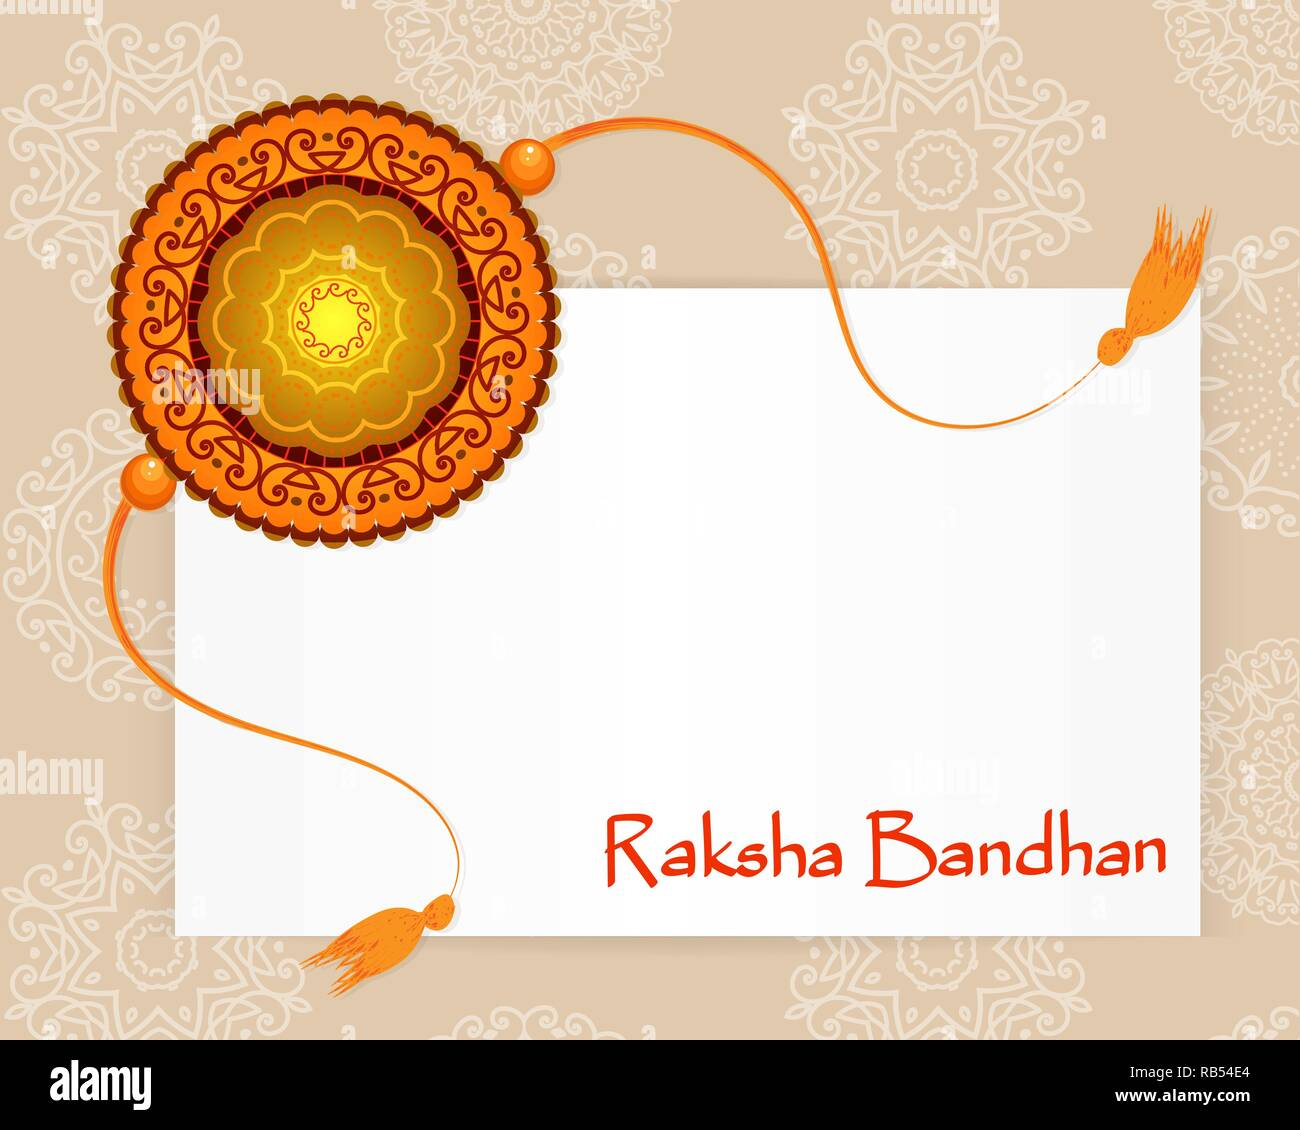 Raksha Bandhan Festival Greeting Card Template. Beautiful